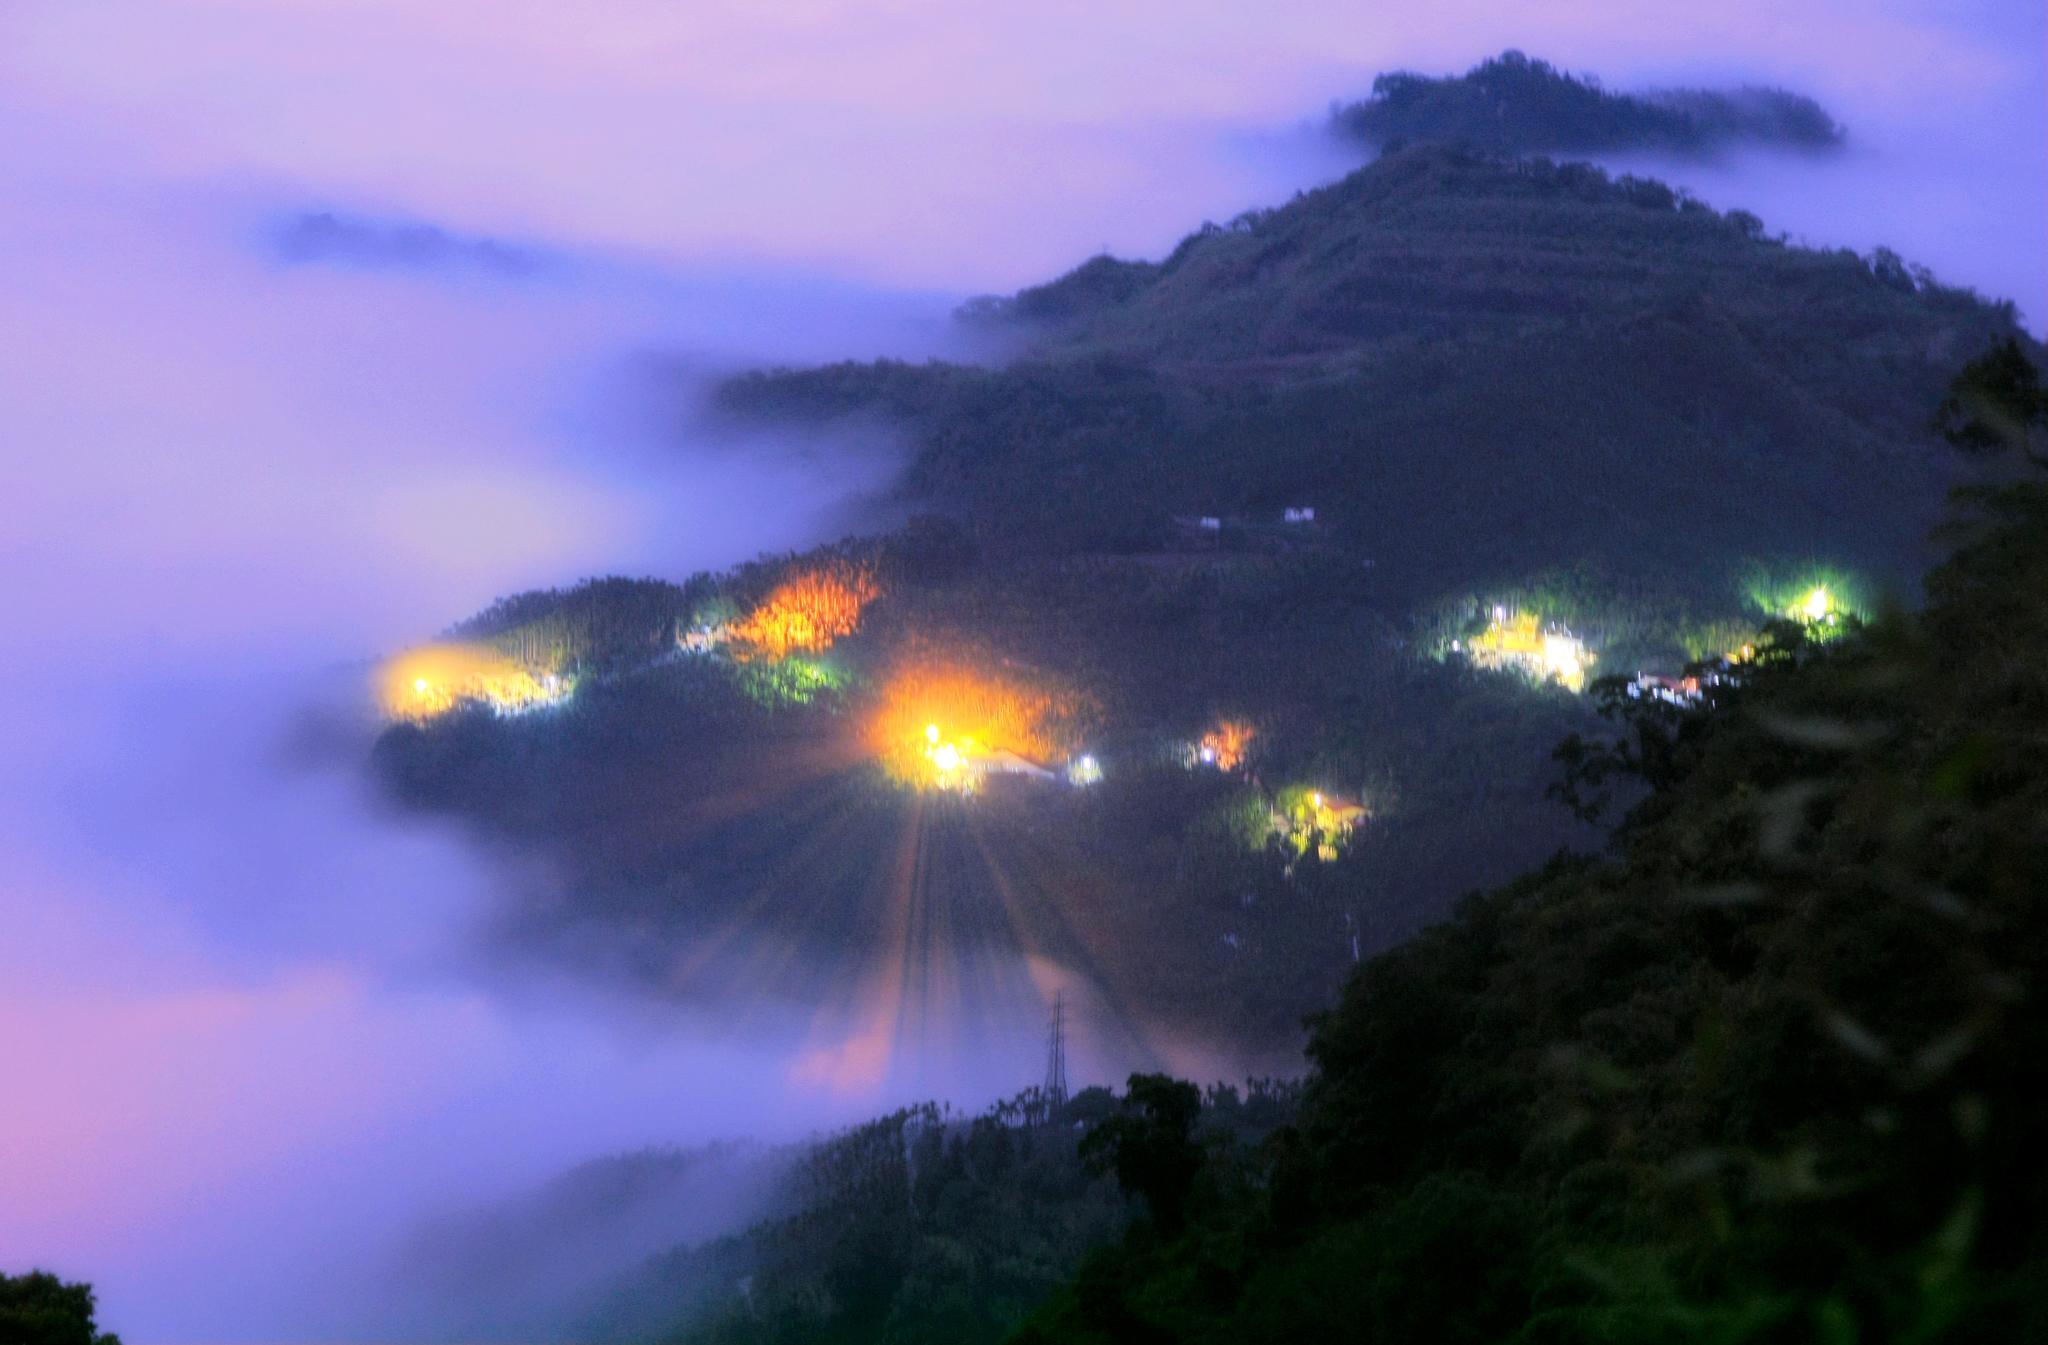 Untitled by Baian Wang